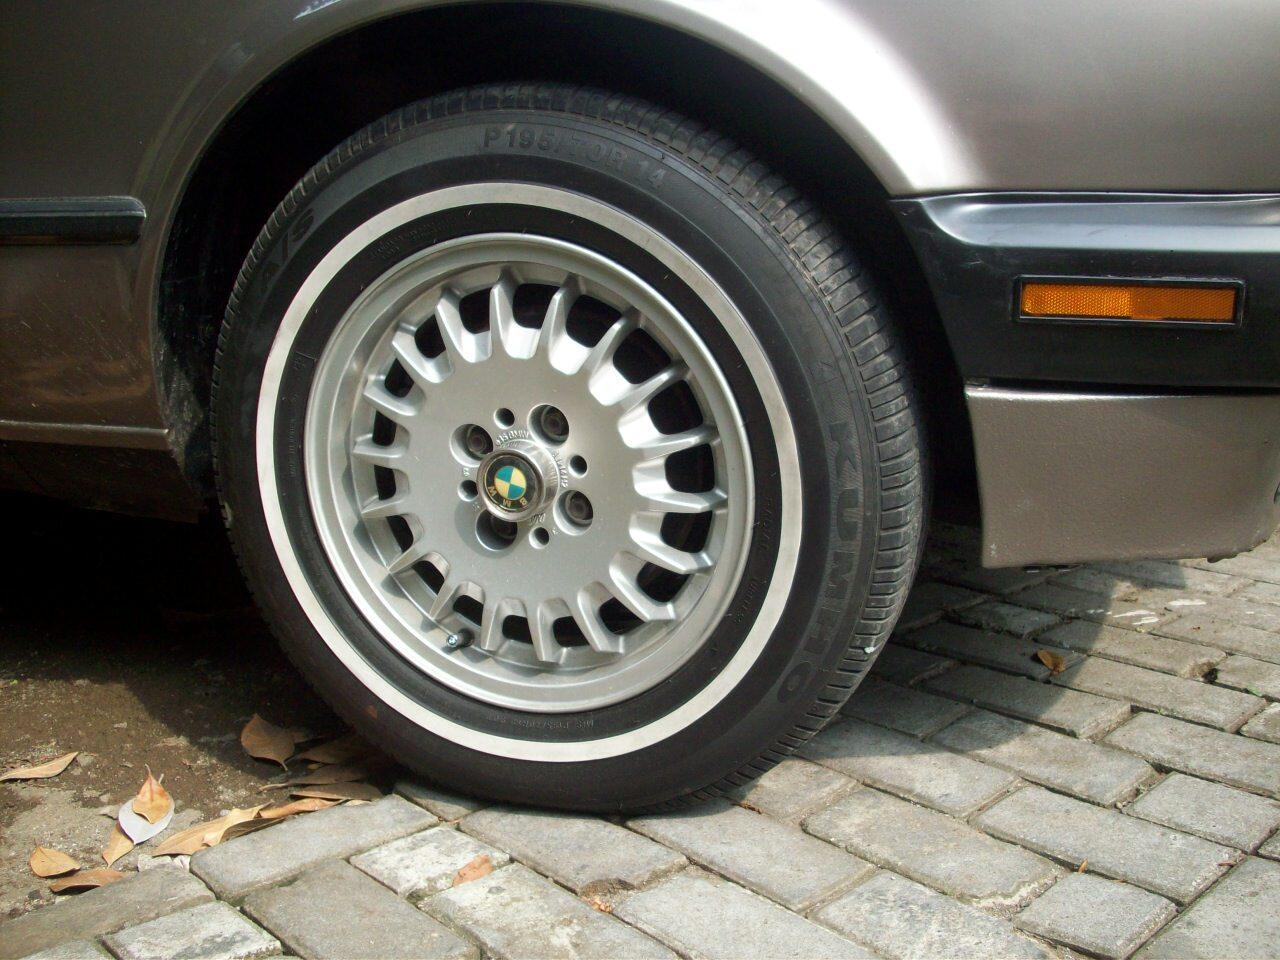 VELG OEM BMW E30 + Ban White Stripe Kumho 90%